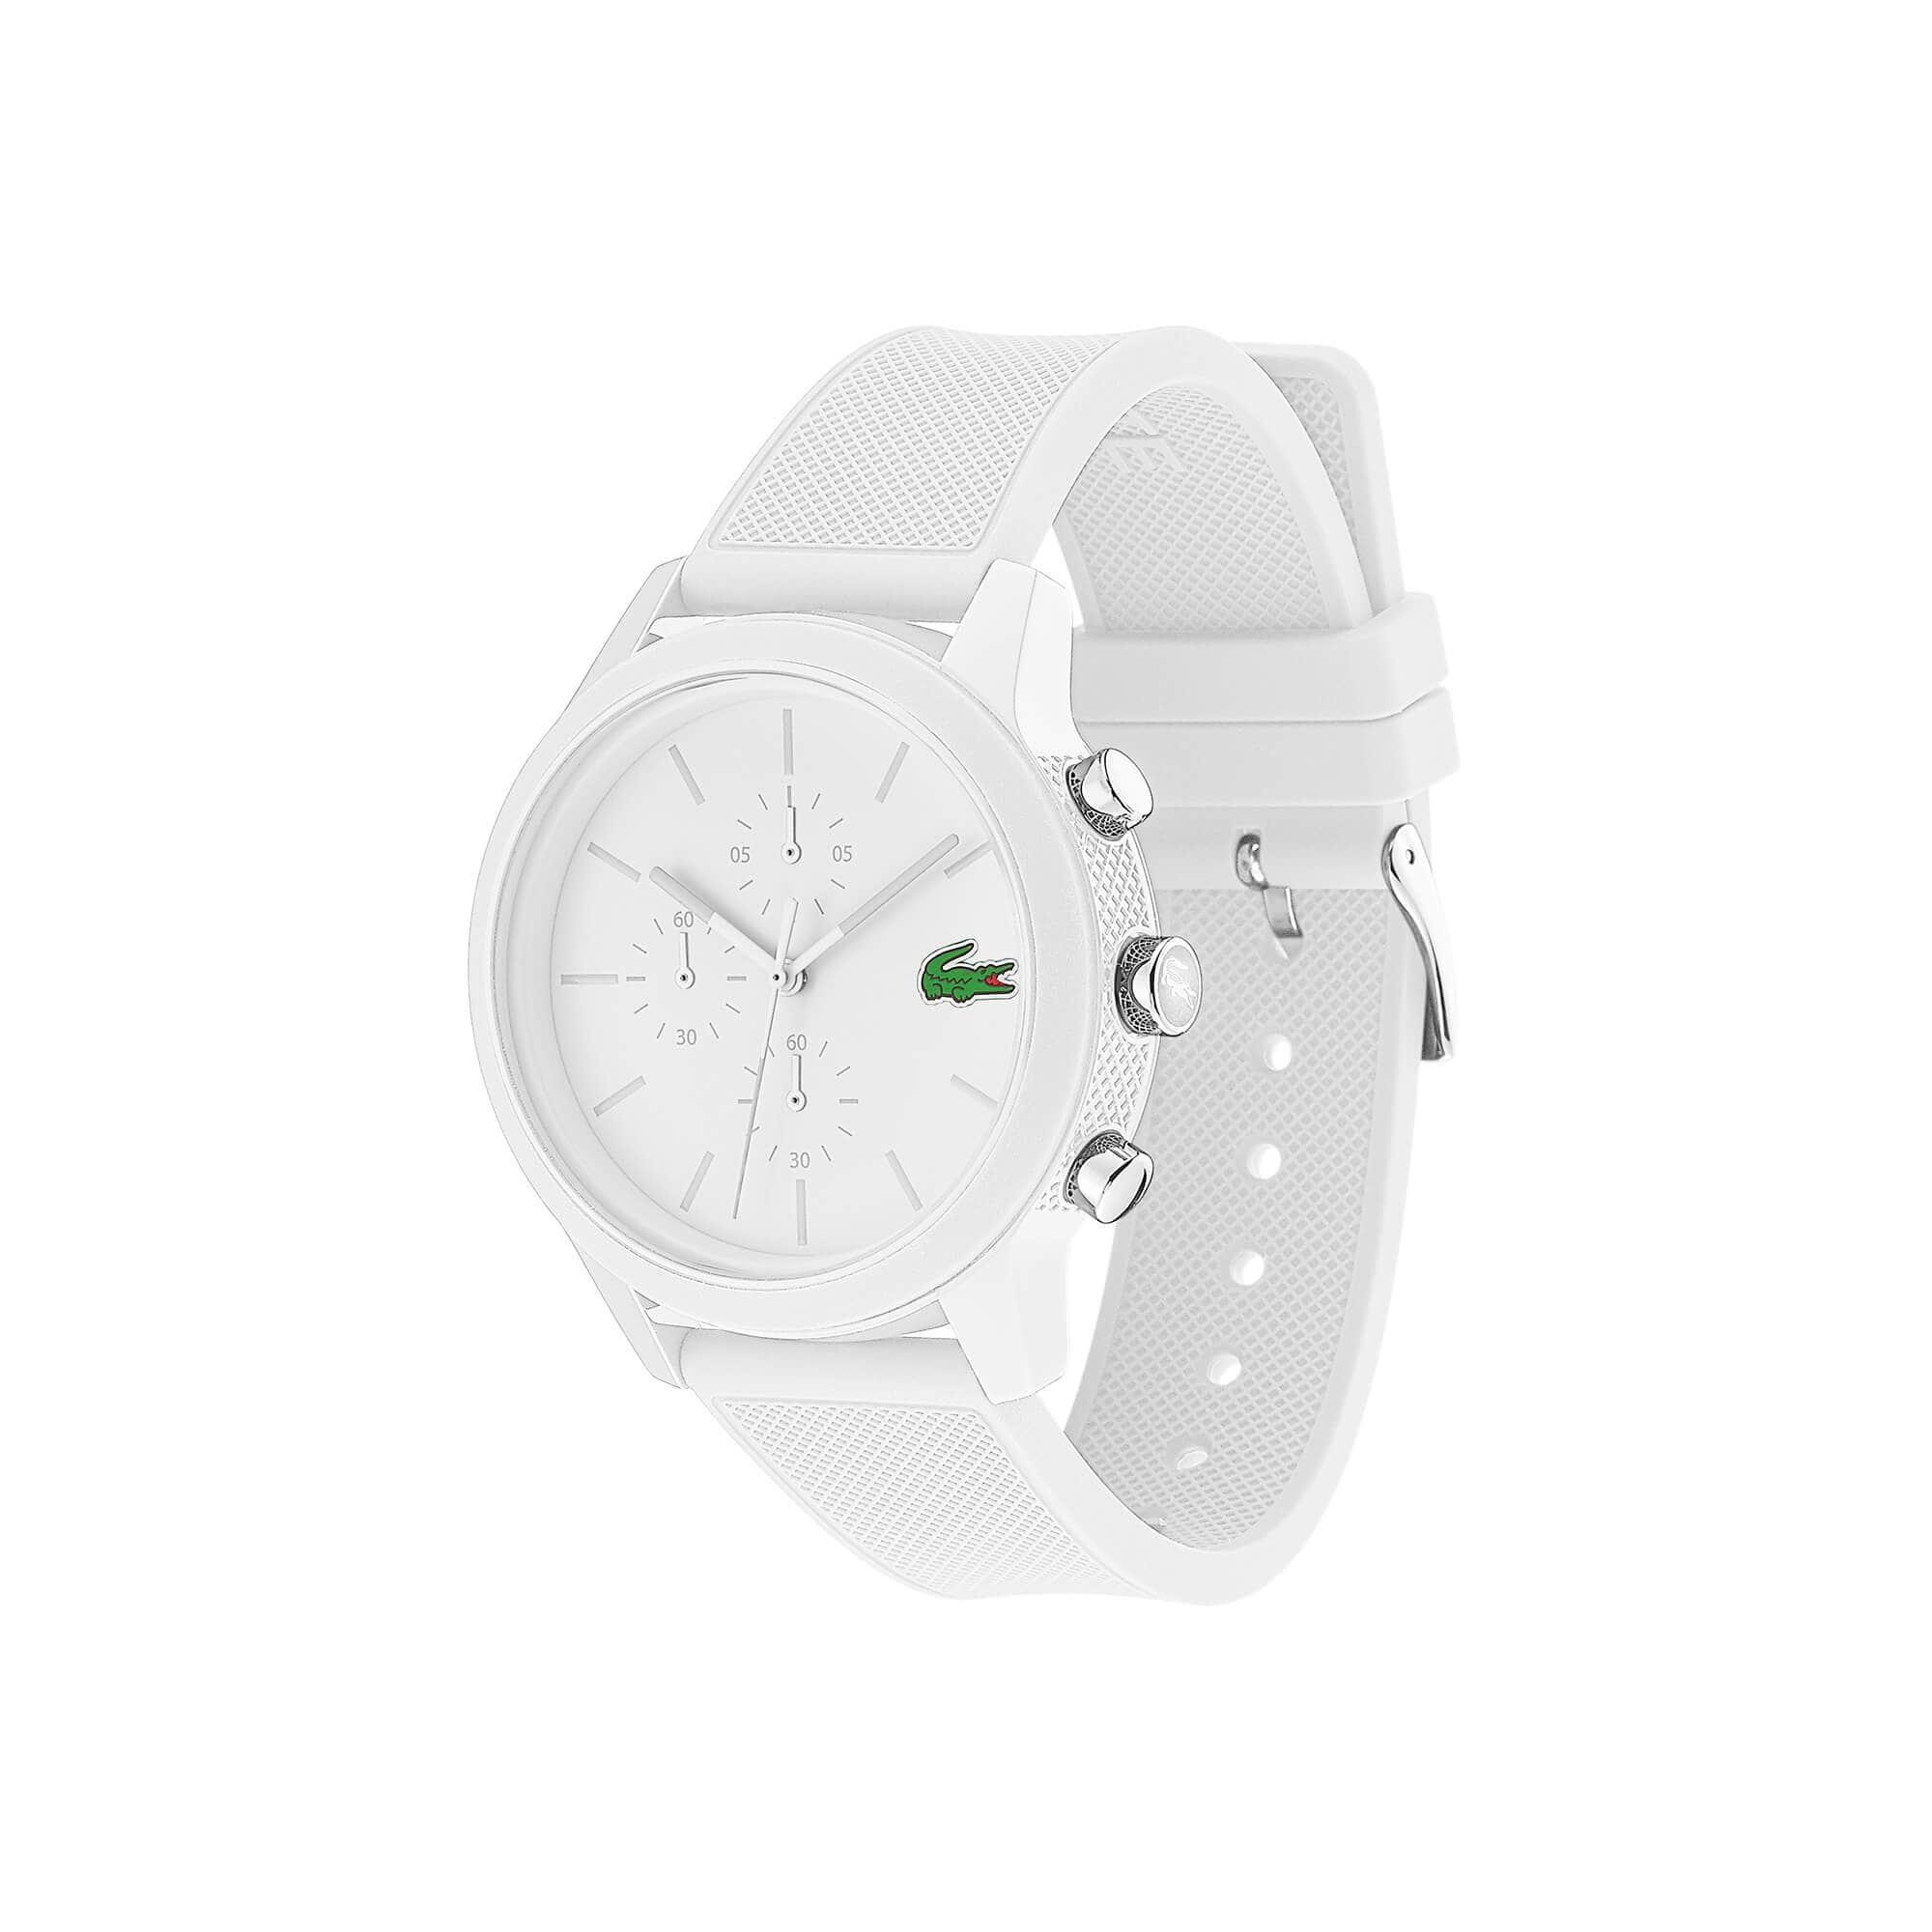 Reloj de Hombre Lacoste 12.12 con Cronógrafo Y Correa de Silicona Blanca